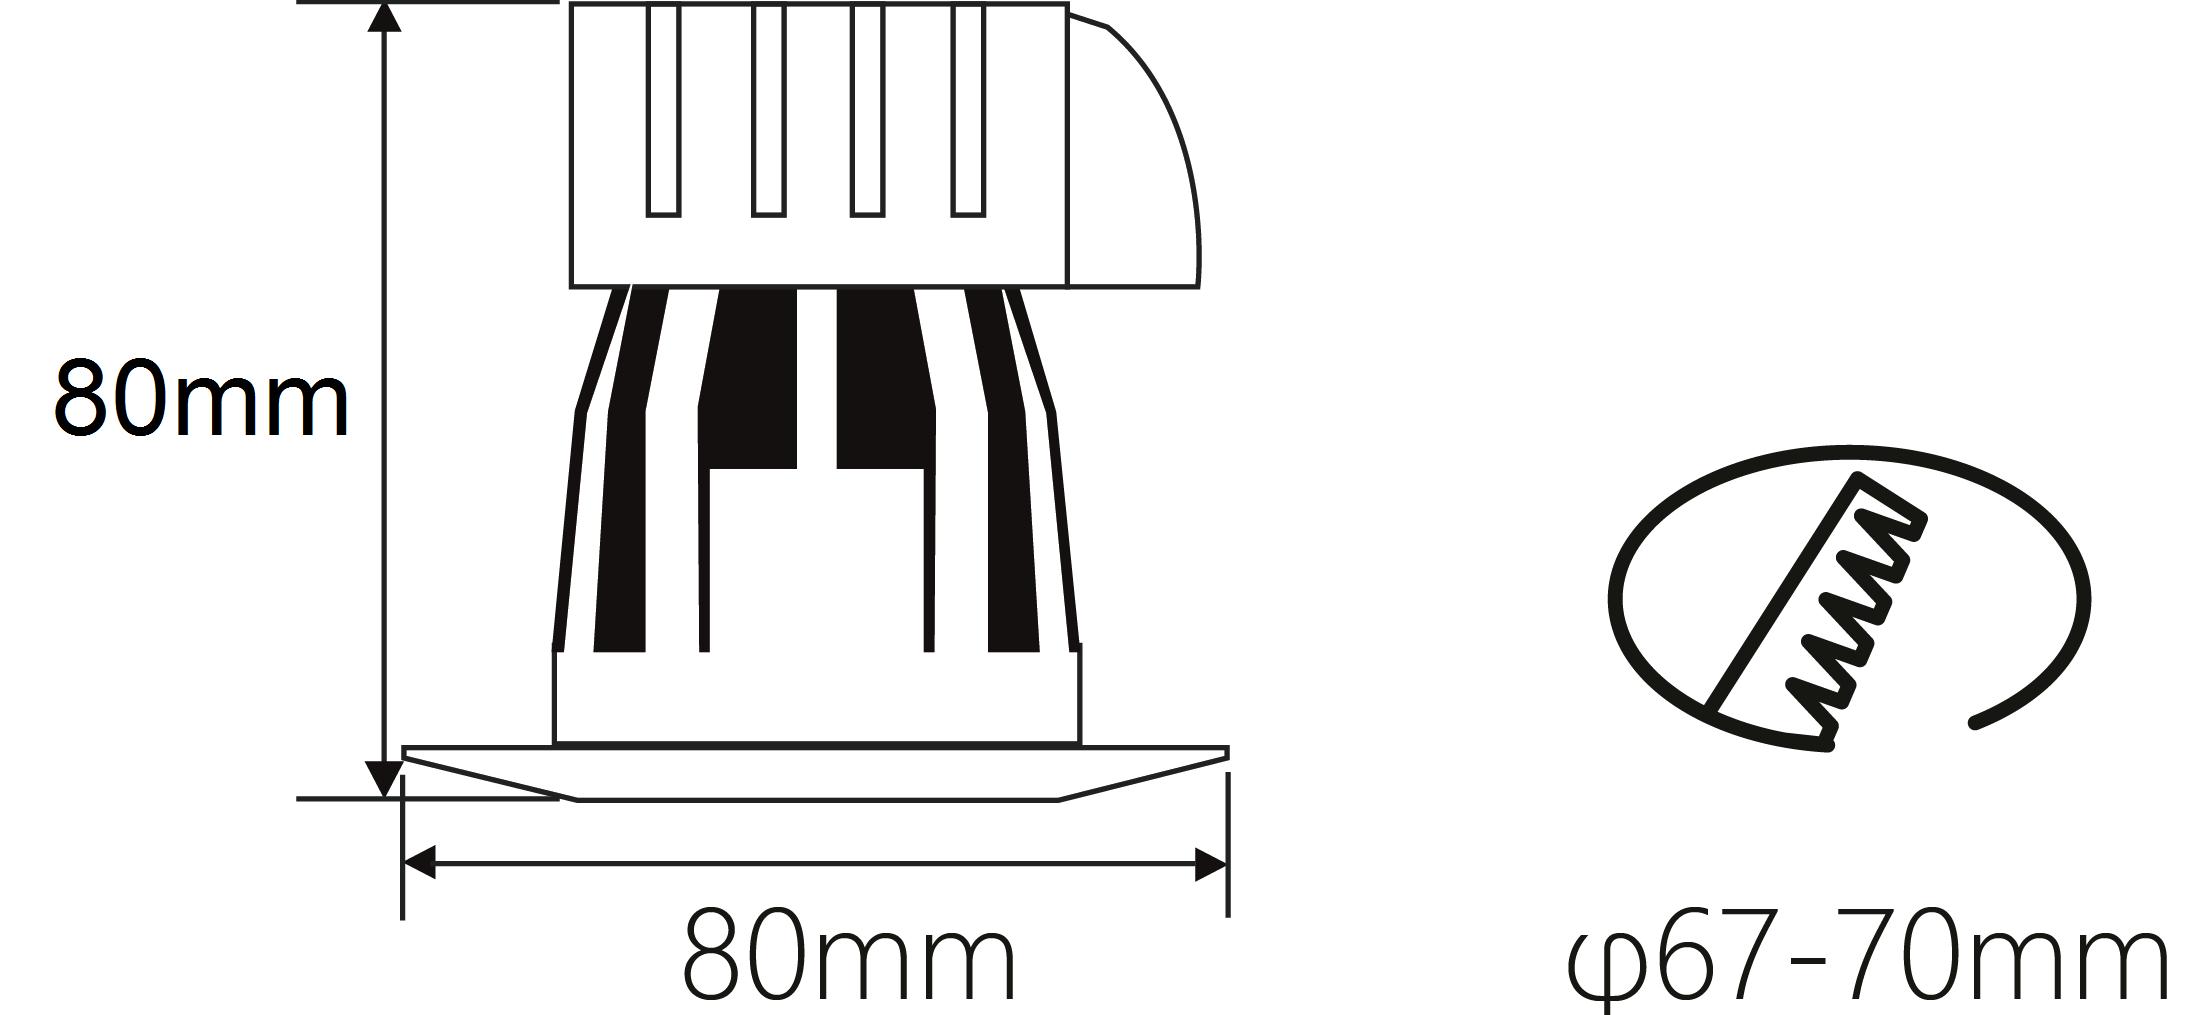 Nordlicht Beleuchtungssysteme Gmbh Nl Cf8 68 240v Ac